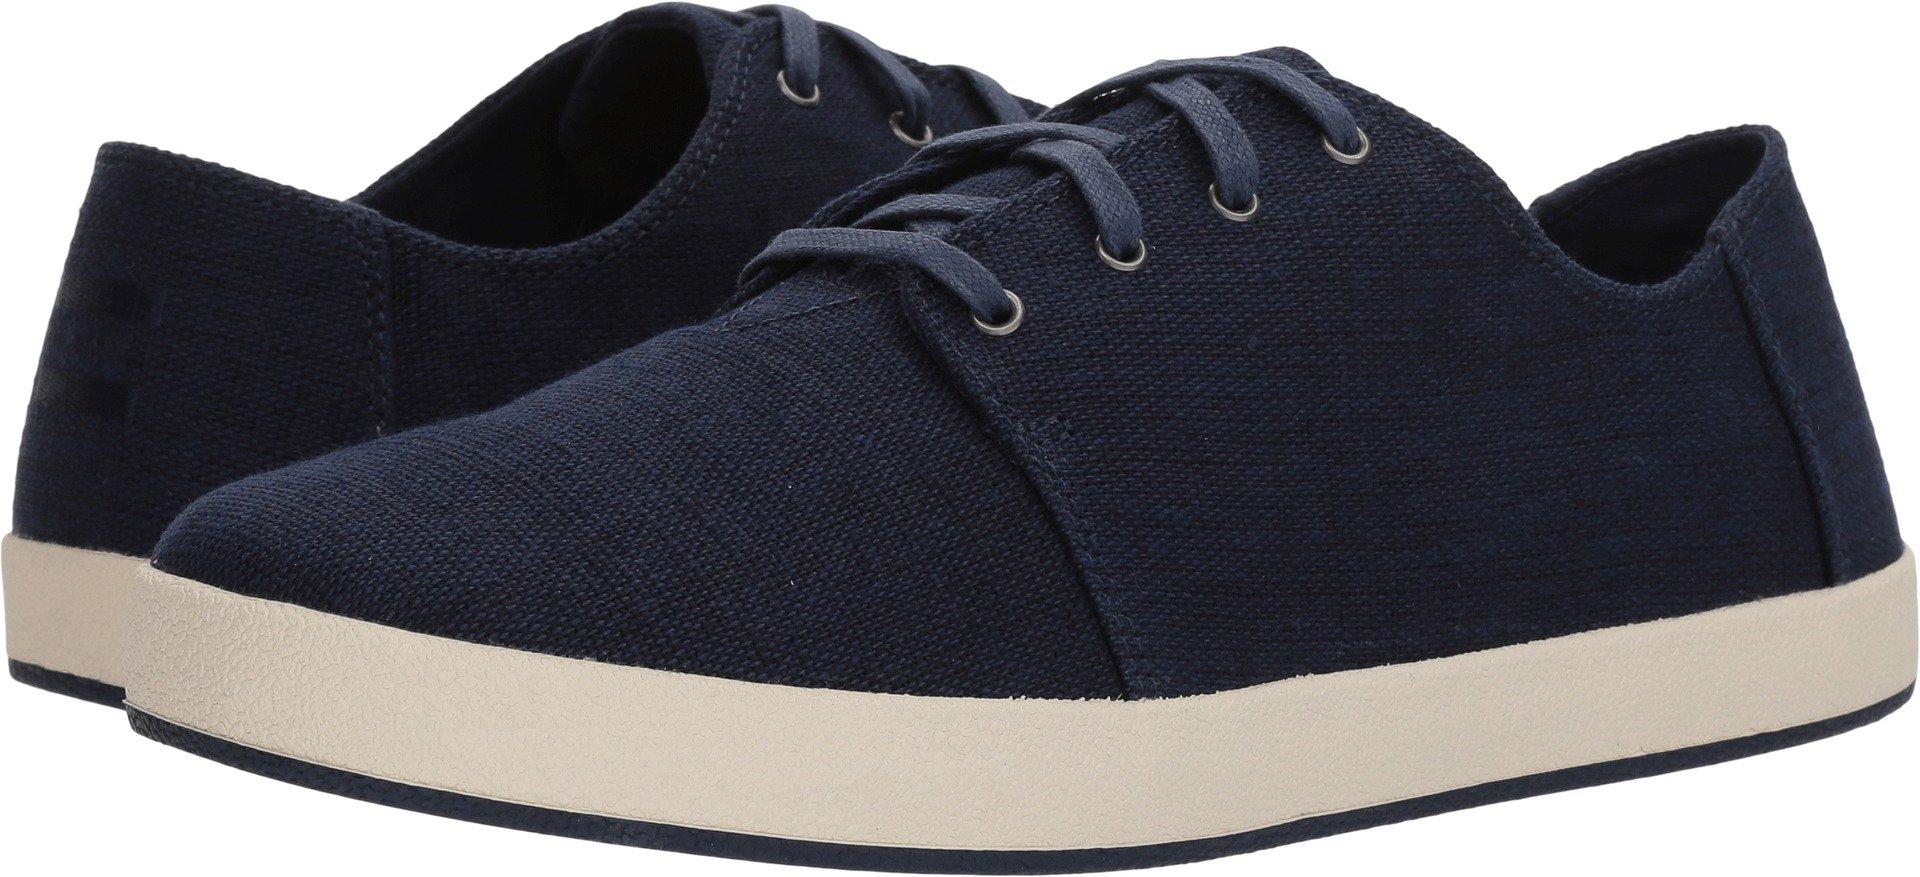 TOMS Men's Payton Canvas Sneaker, Size